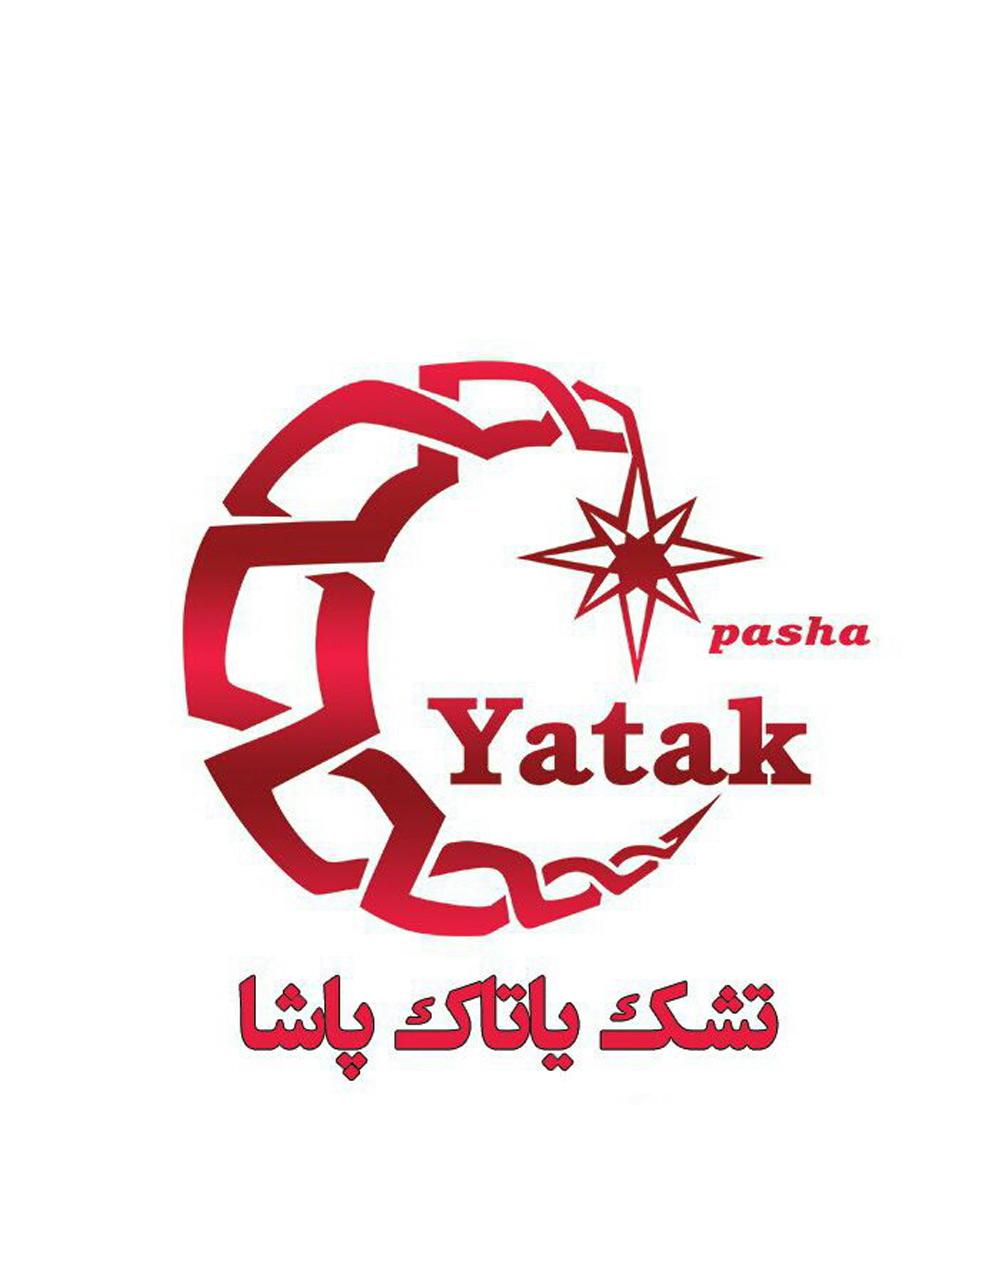 گروه کالای خواب پاشاپور 3